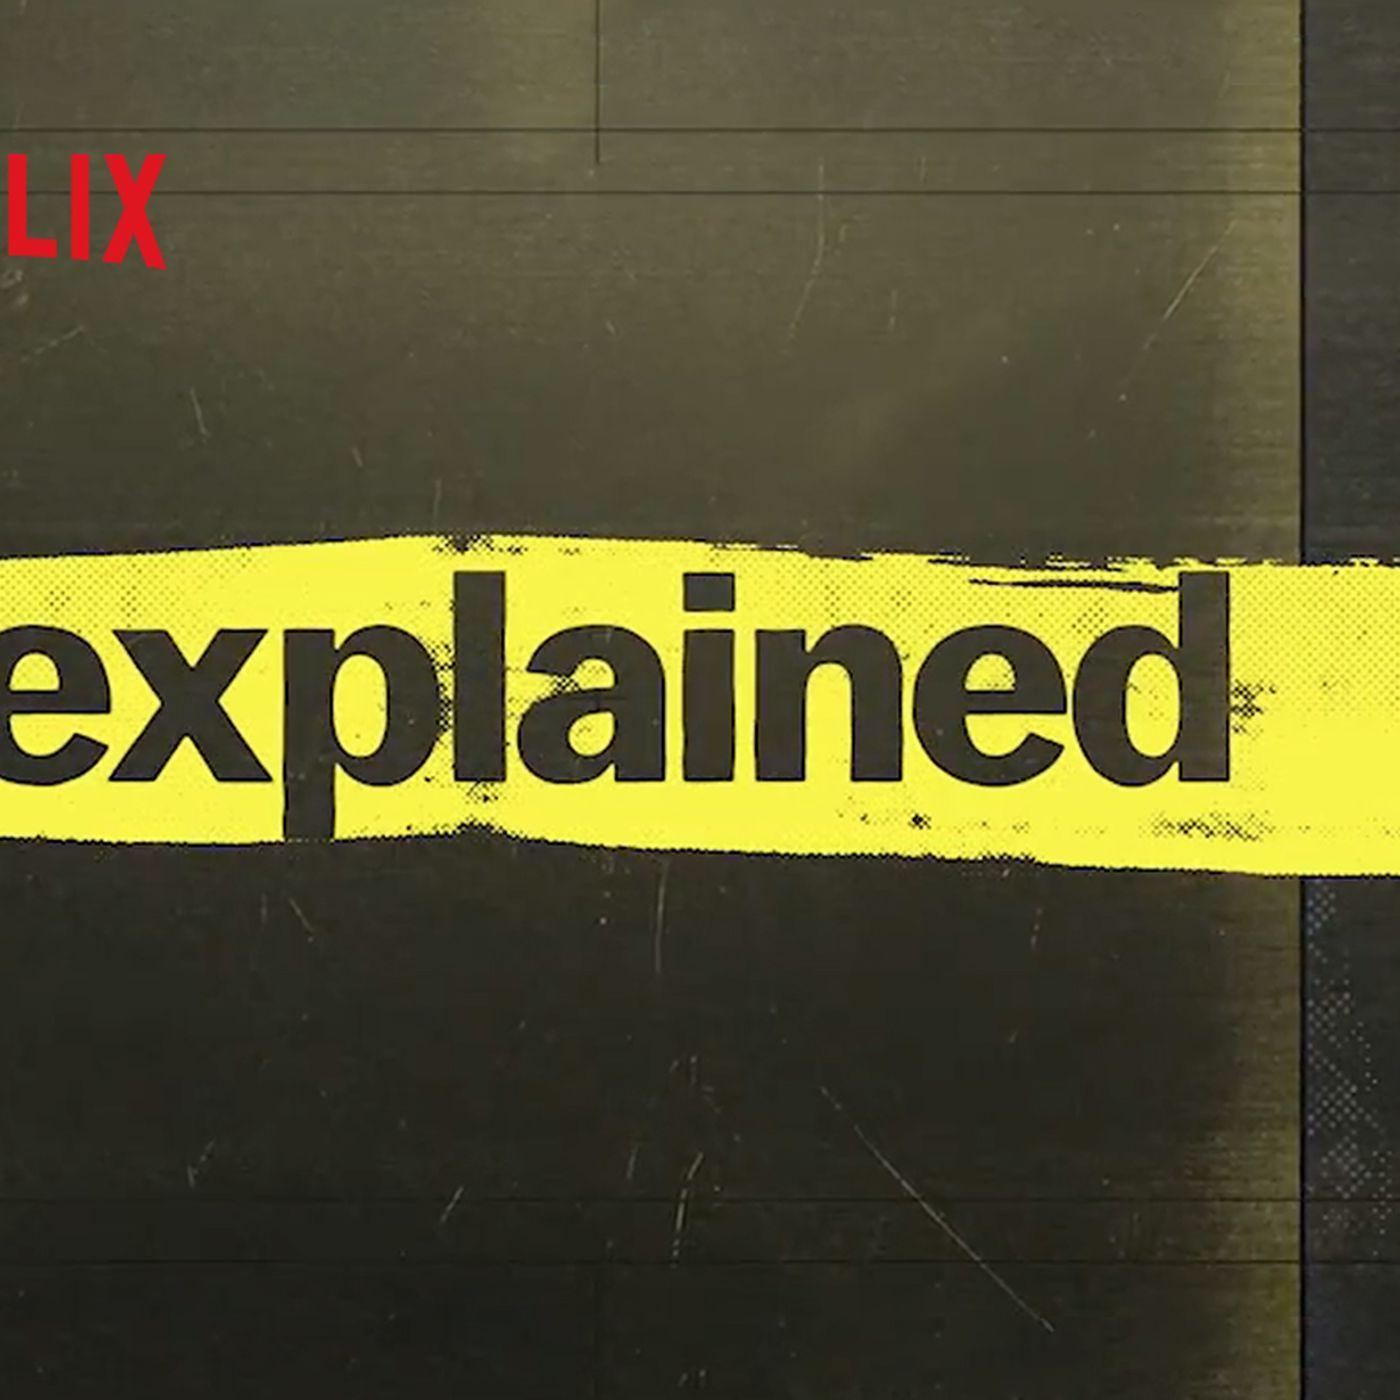 """Vox's Netflix show """"Explained,"""" explained - Vox"""